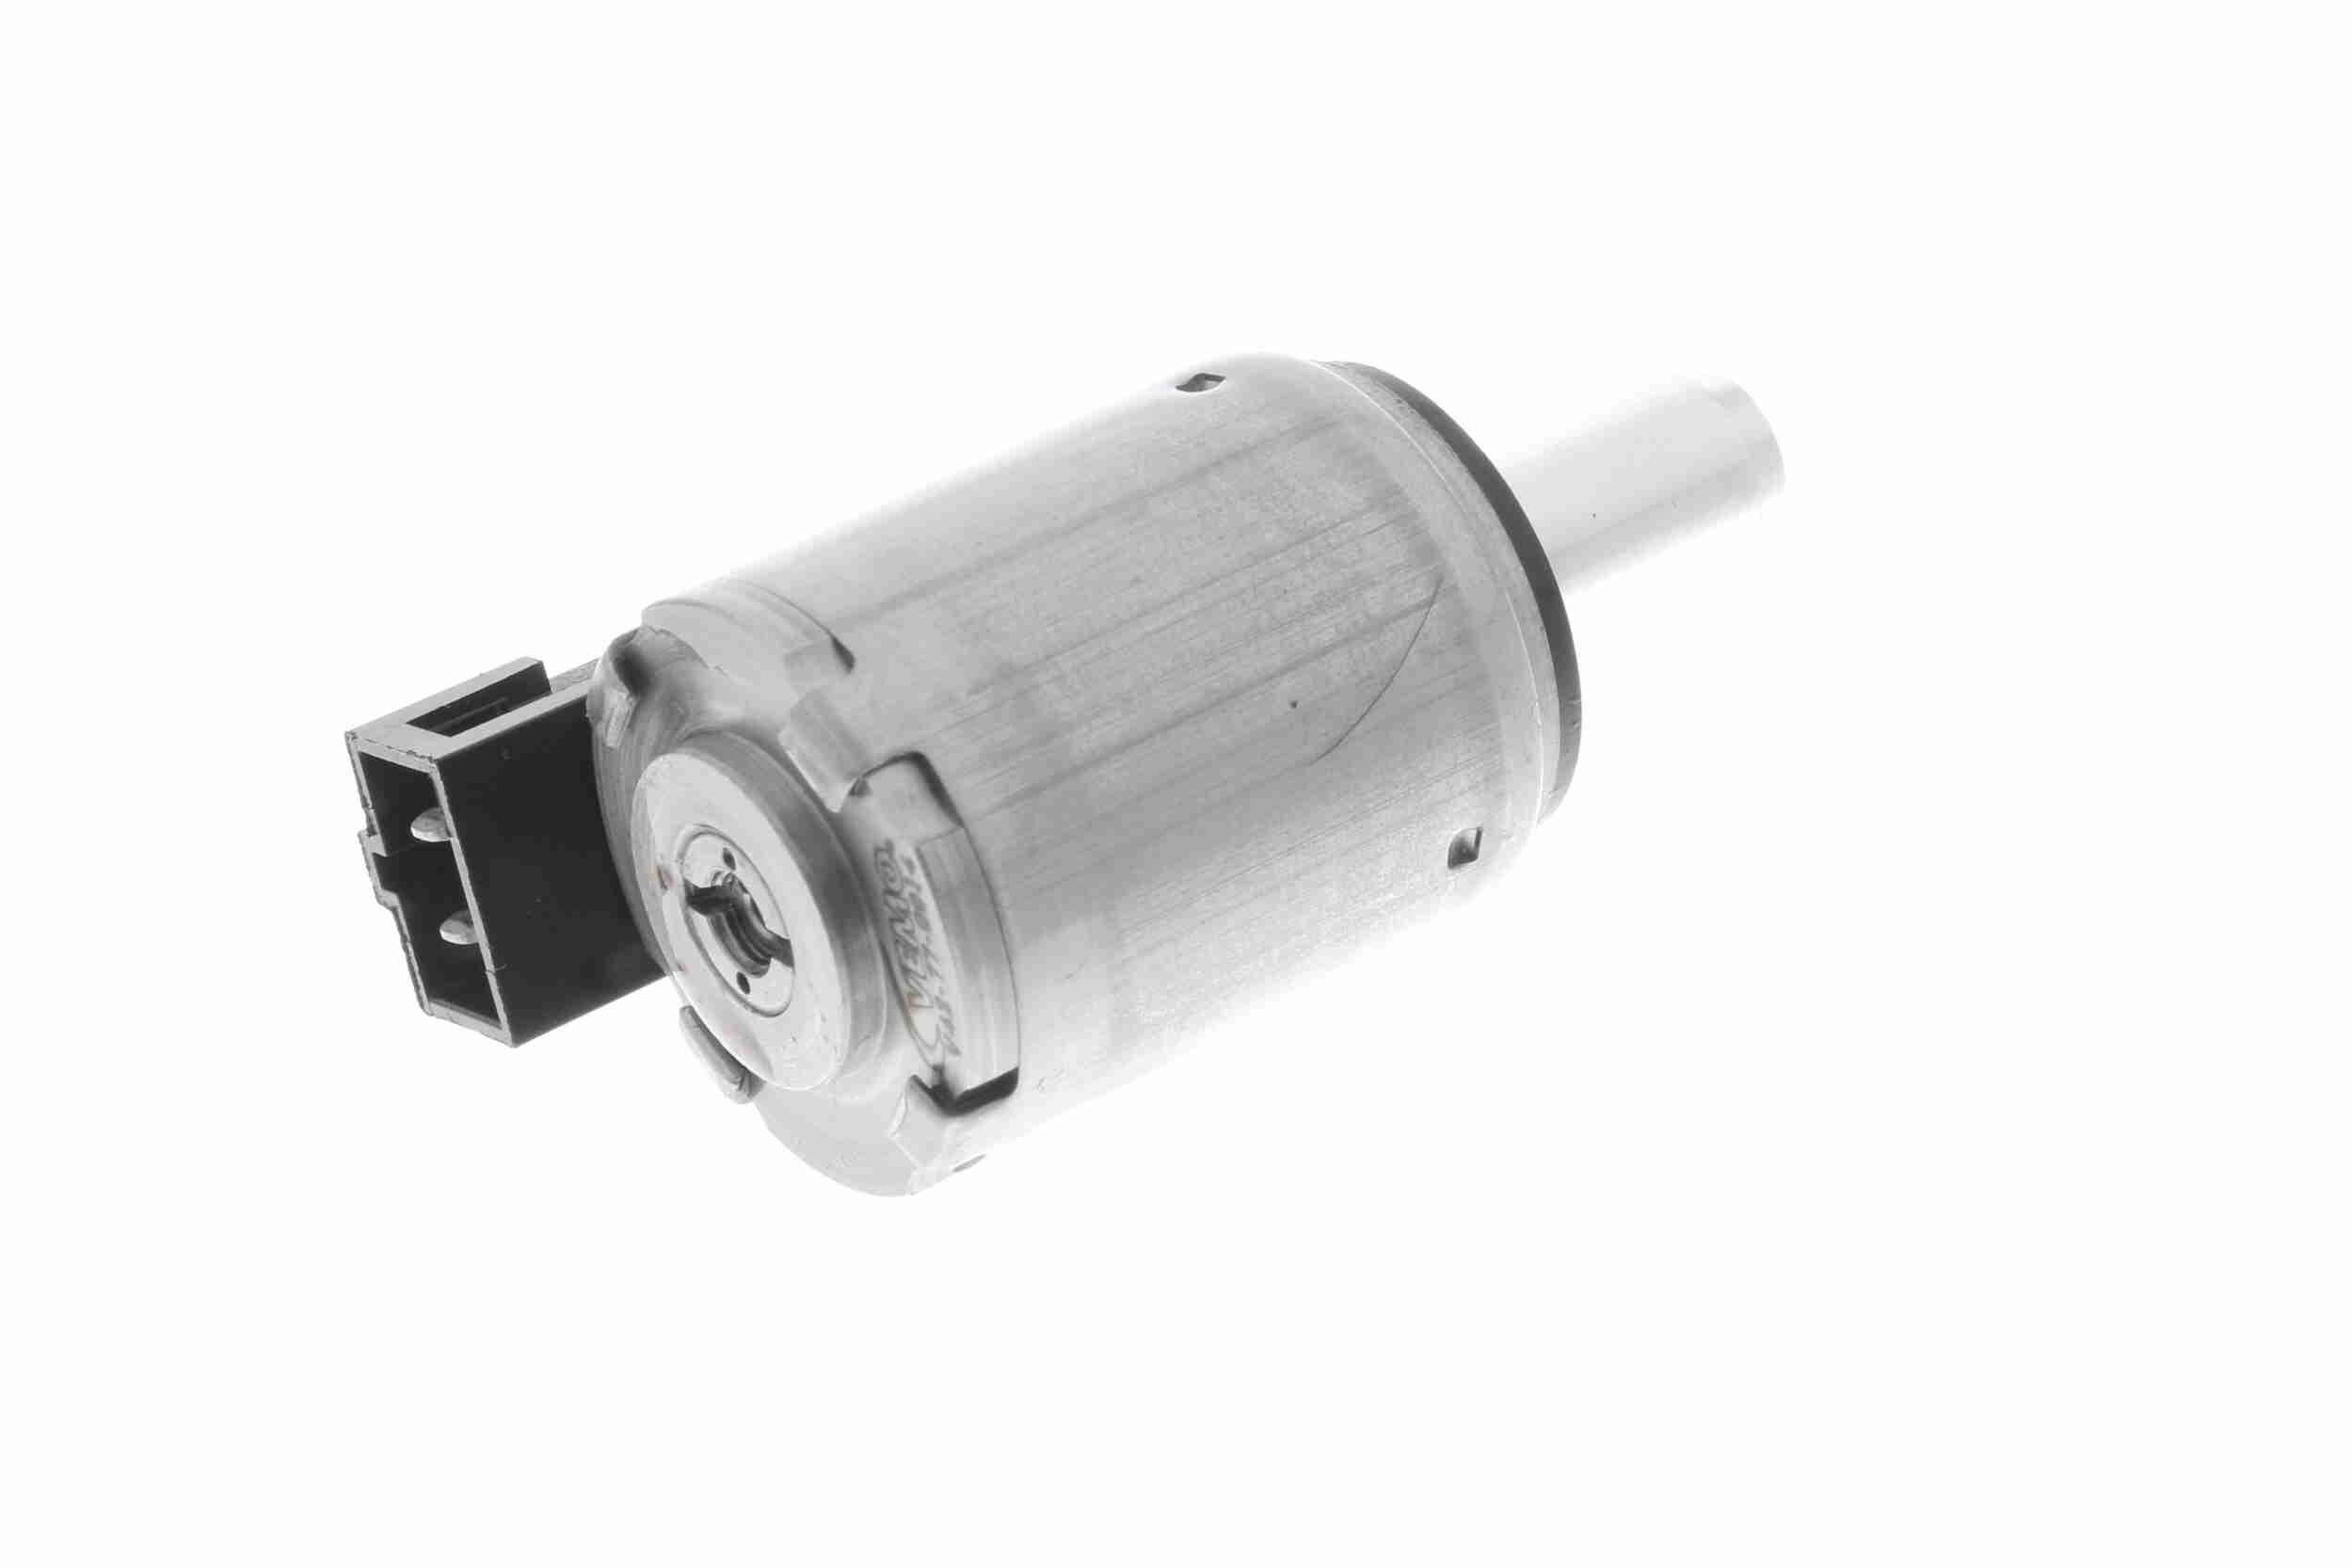 LANCIA KAPPA Schaltventil, Automatikgetriebe - Original VEMO V42-77-0014